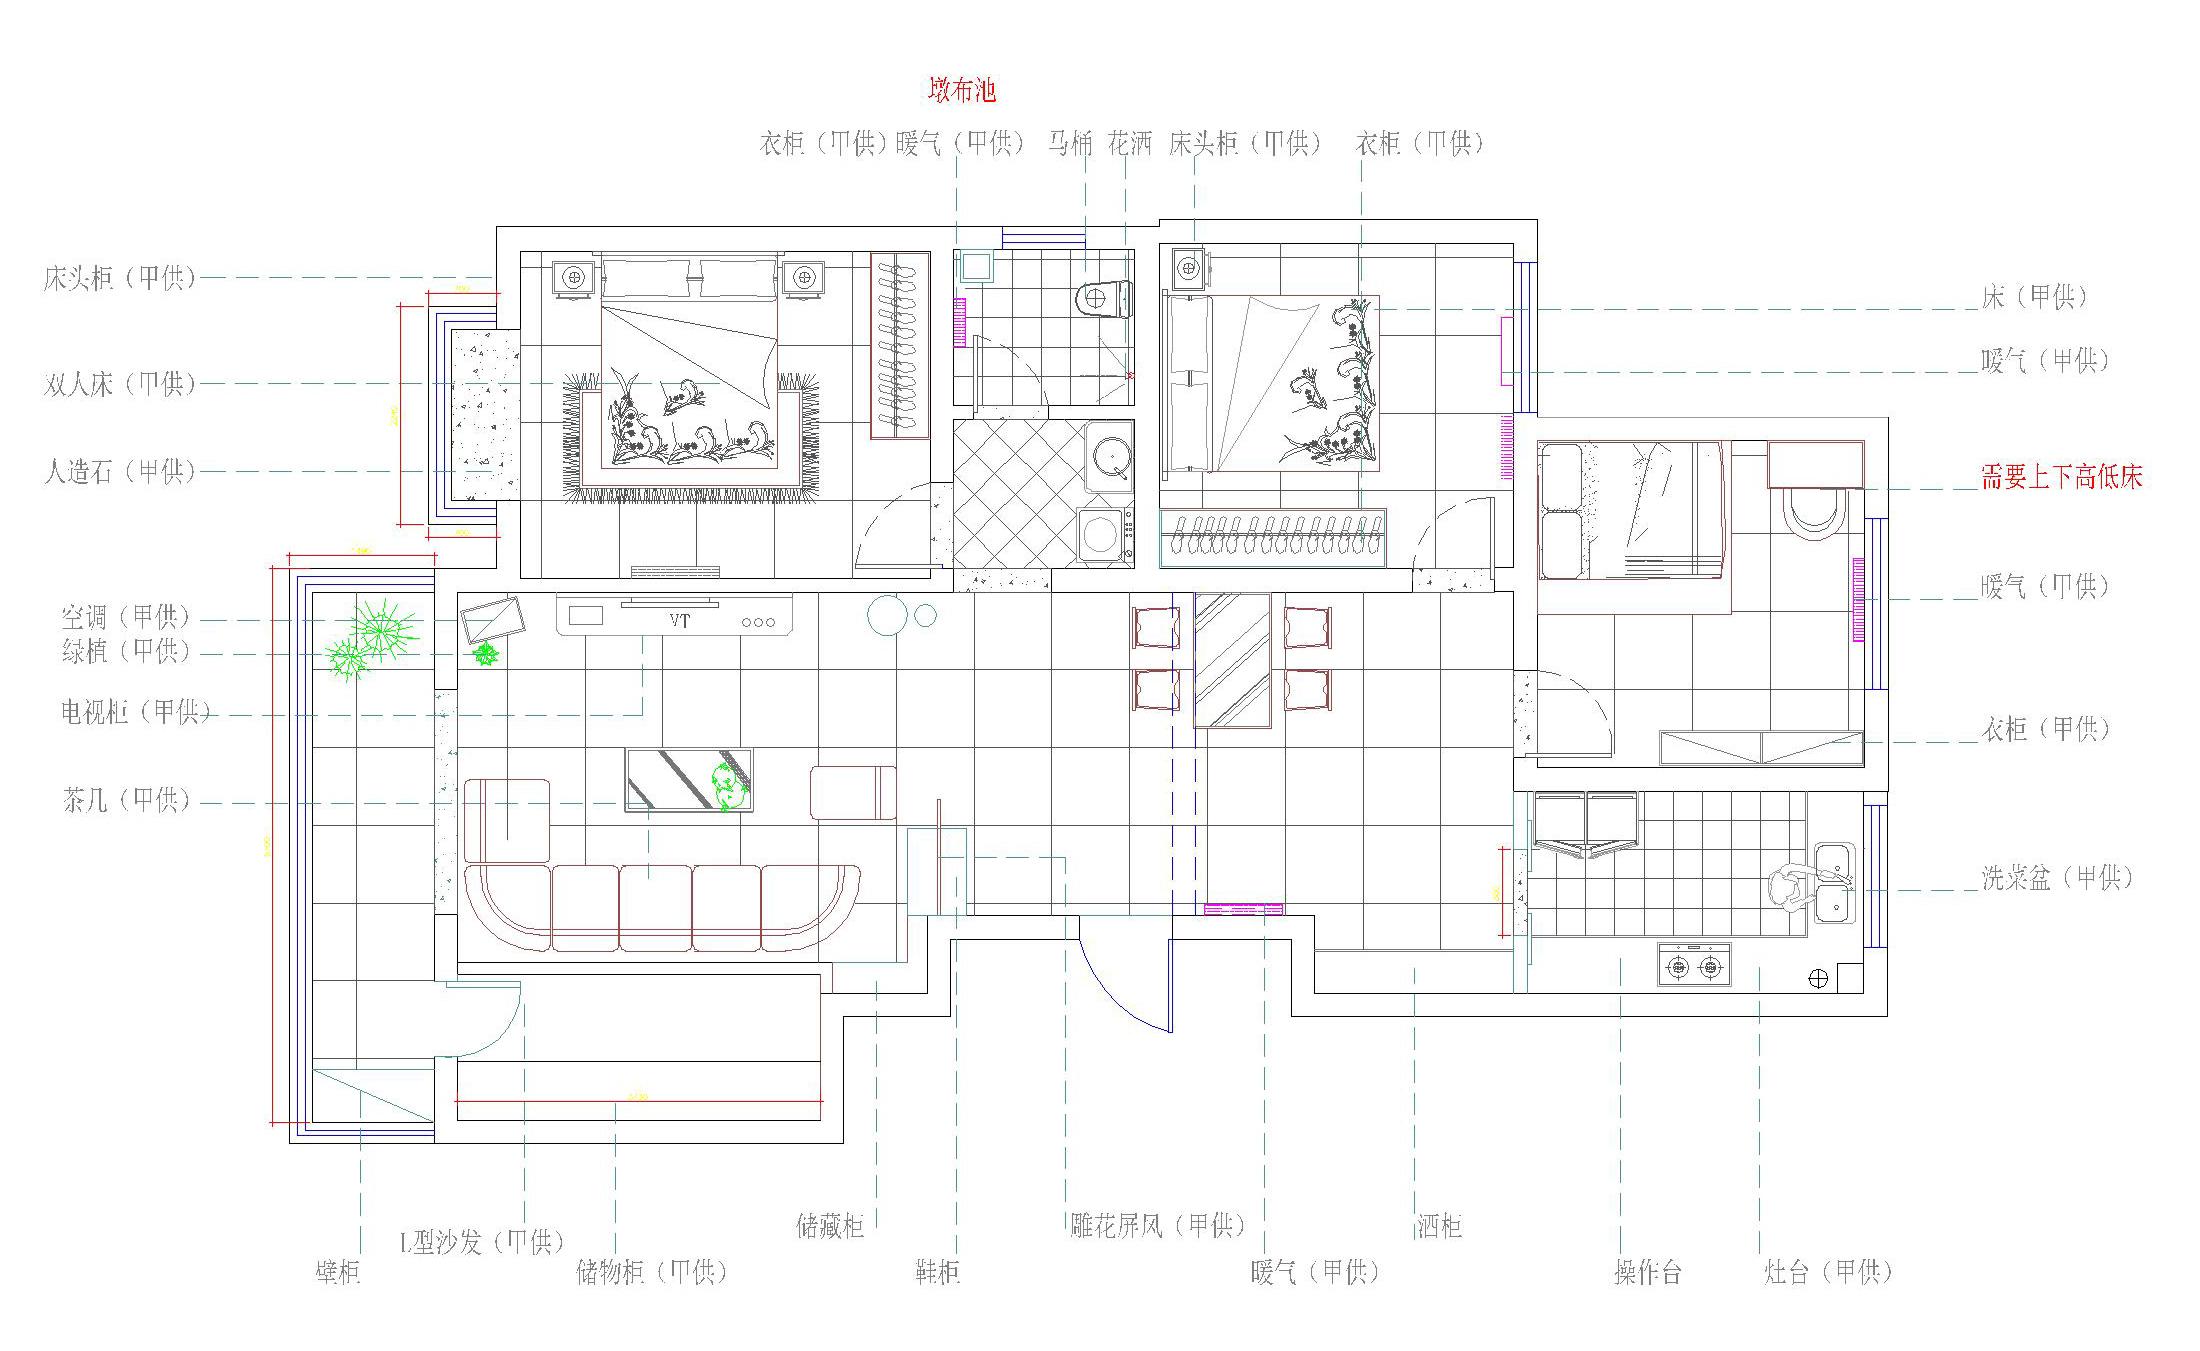 大城小爱 中式 三居 户型图图片来自郑州实创装饰啊静在大城小爱148平中式三居的分享